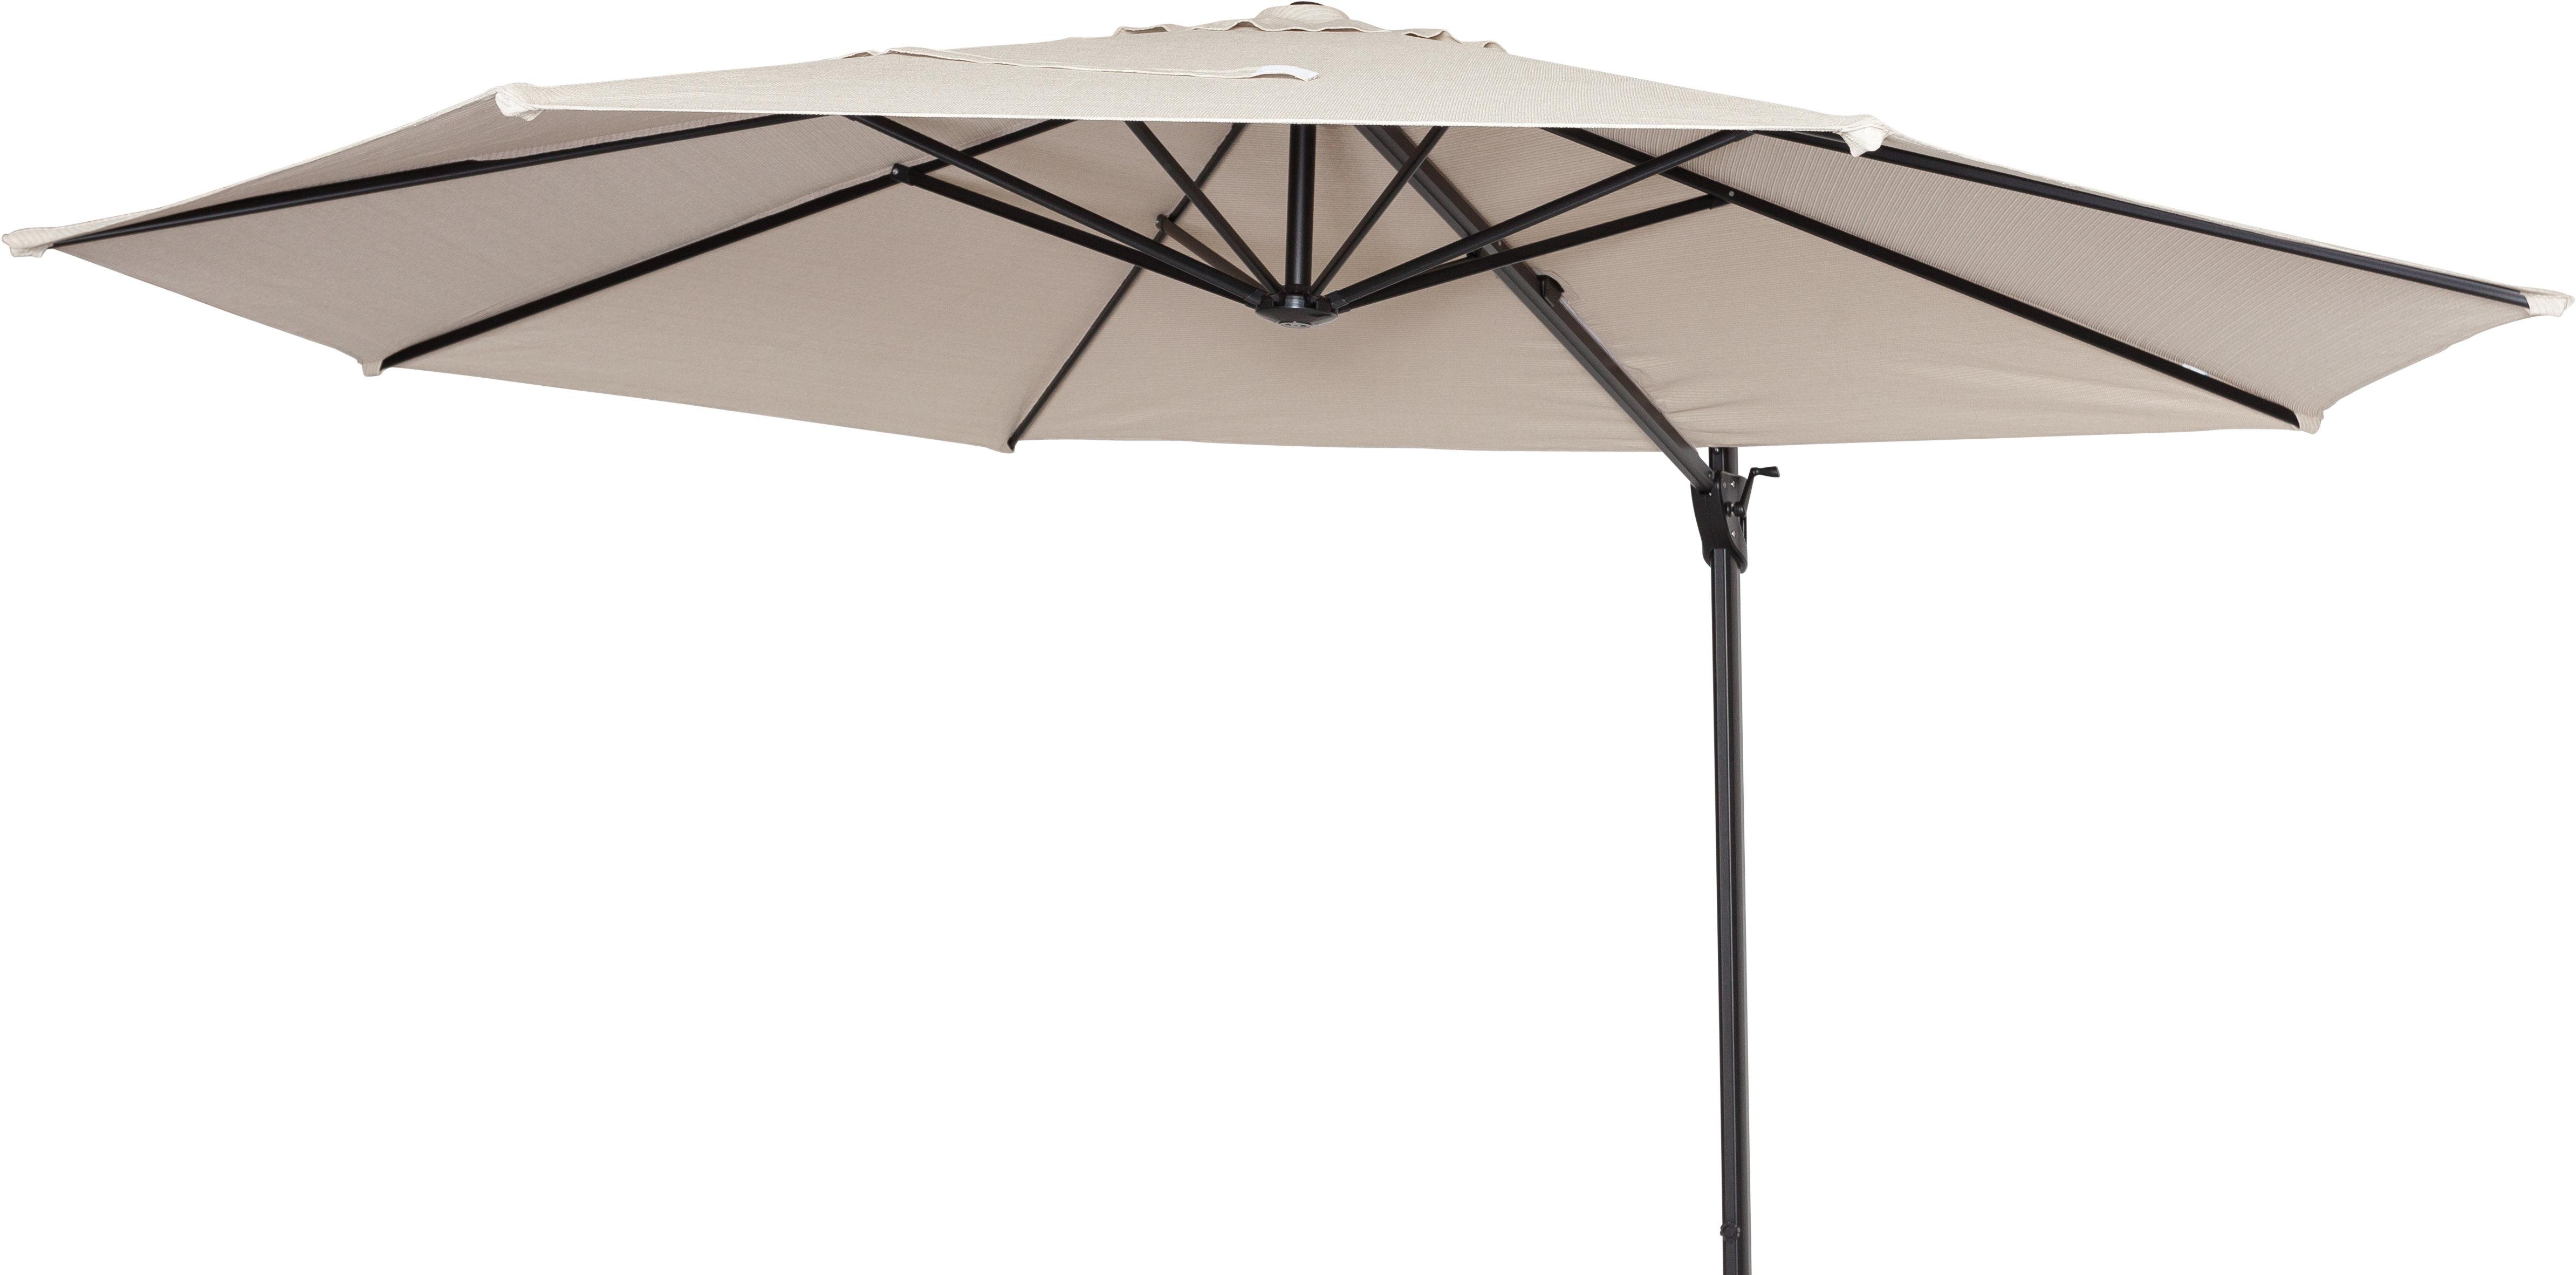 Popular Coolaroo 12' Cantilever Umbrella In Emely Cantilever Umbrellas (View 16 of 20)